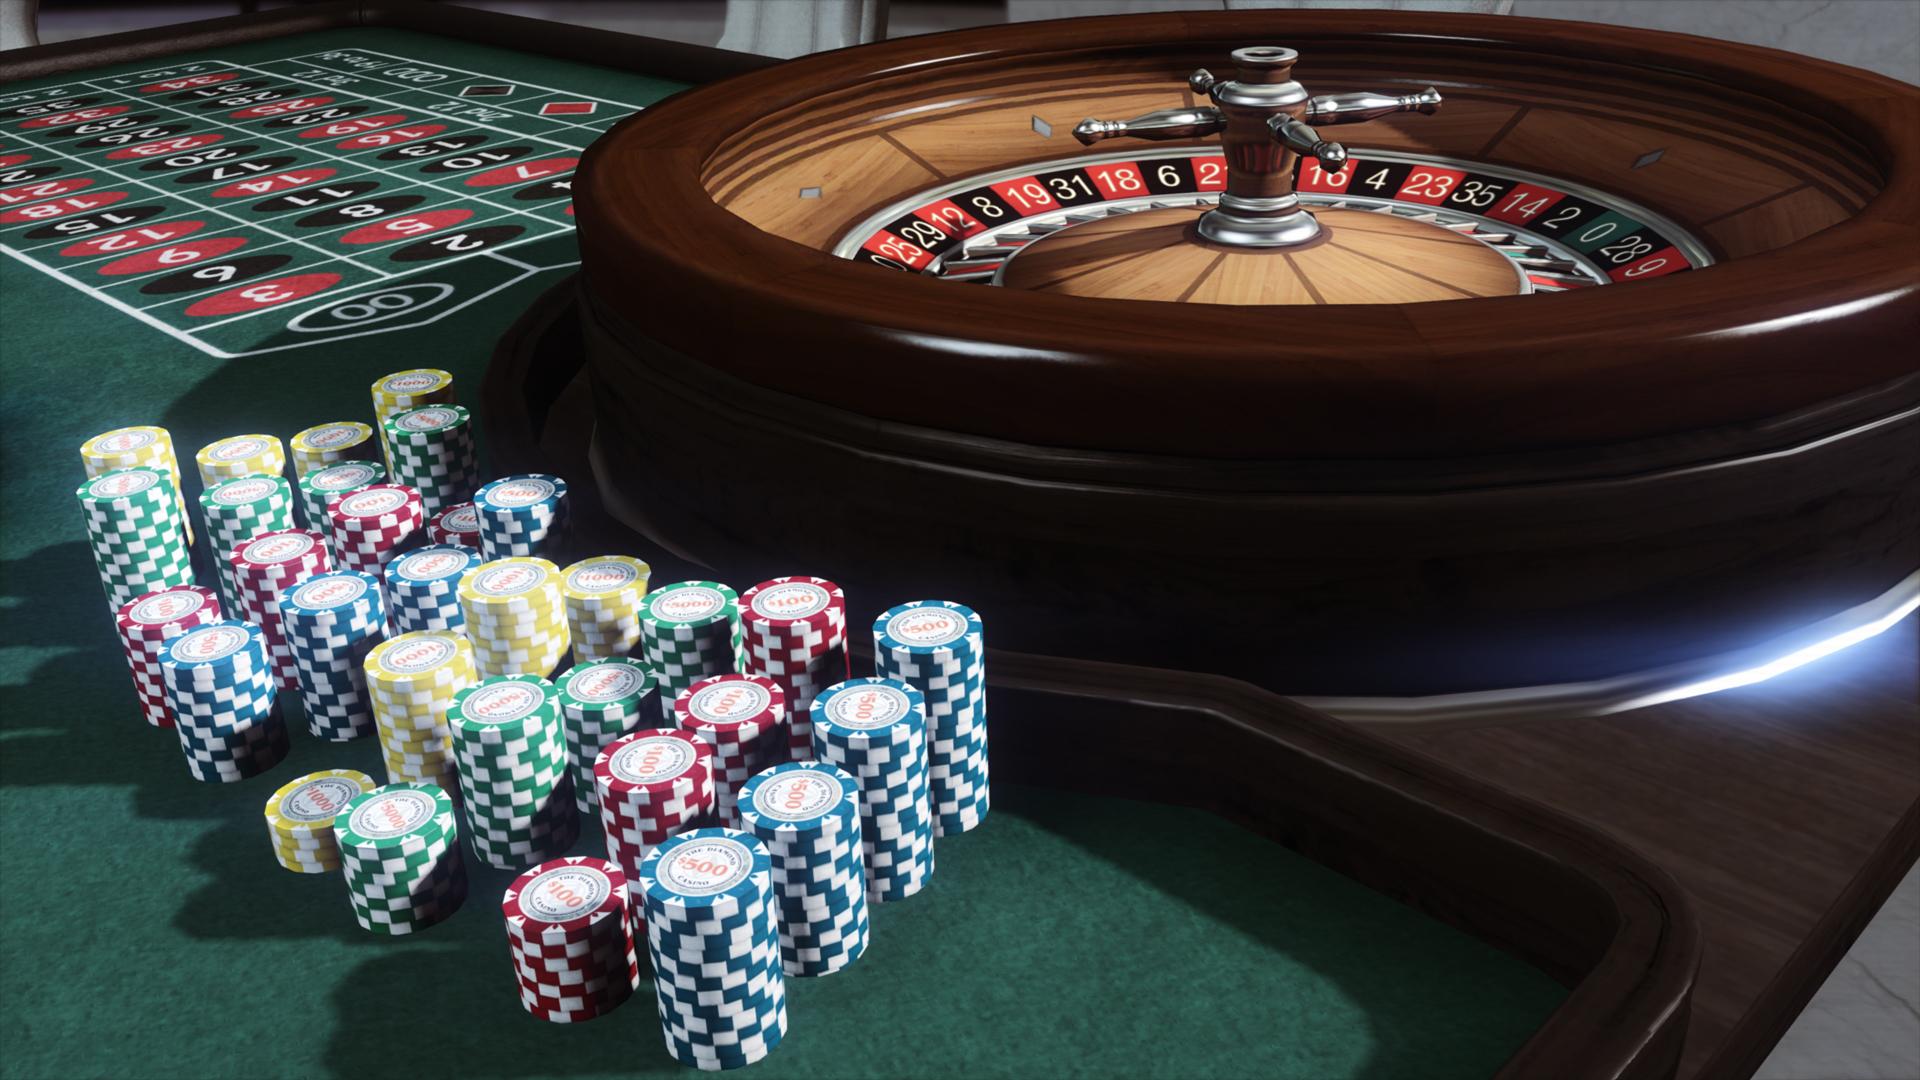 How to determine the online casino bonuses?